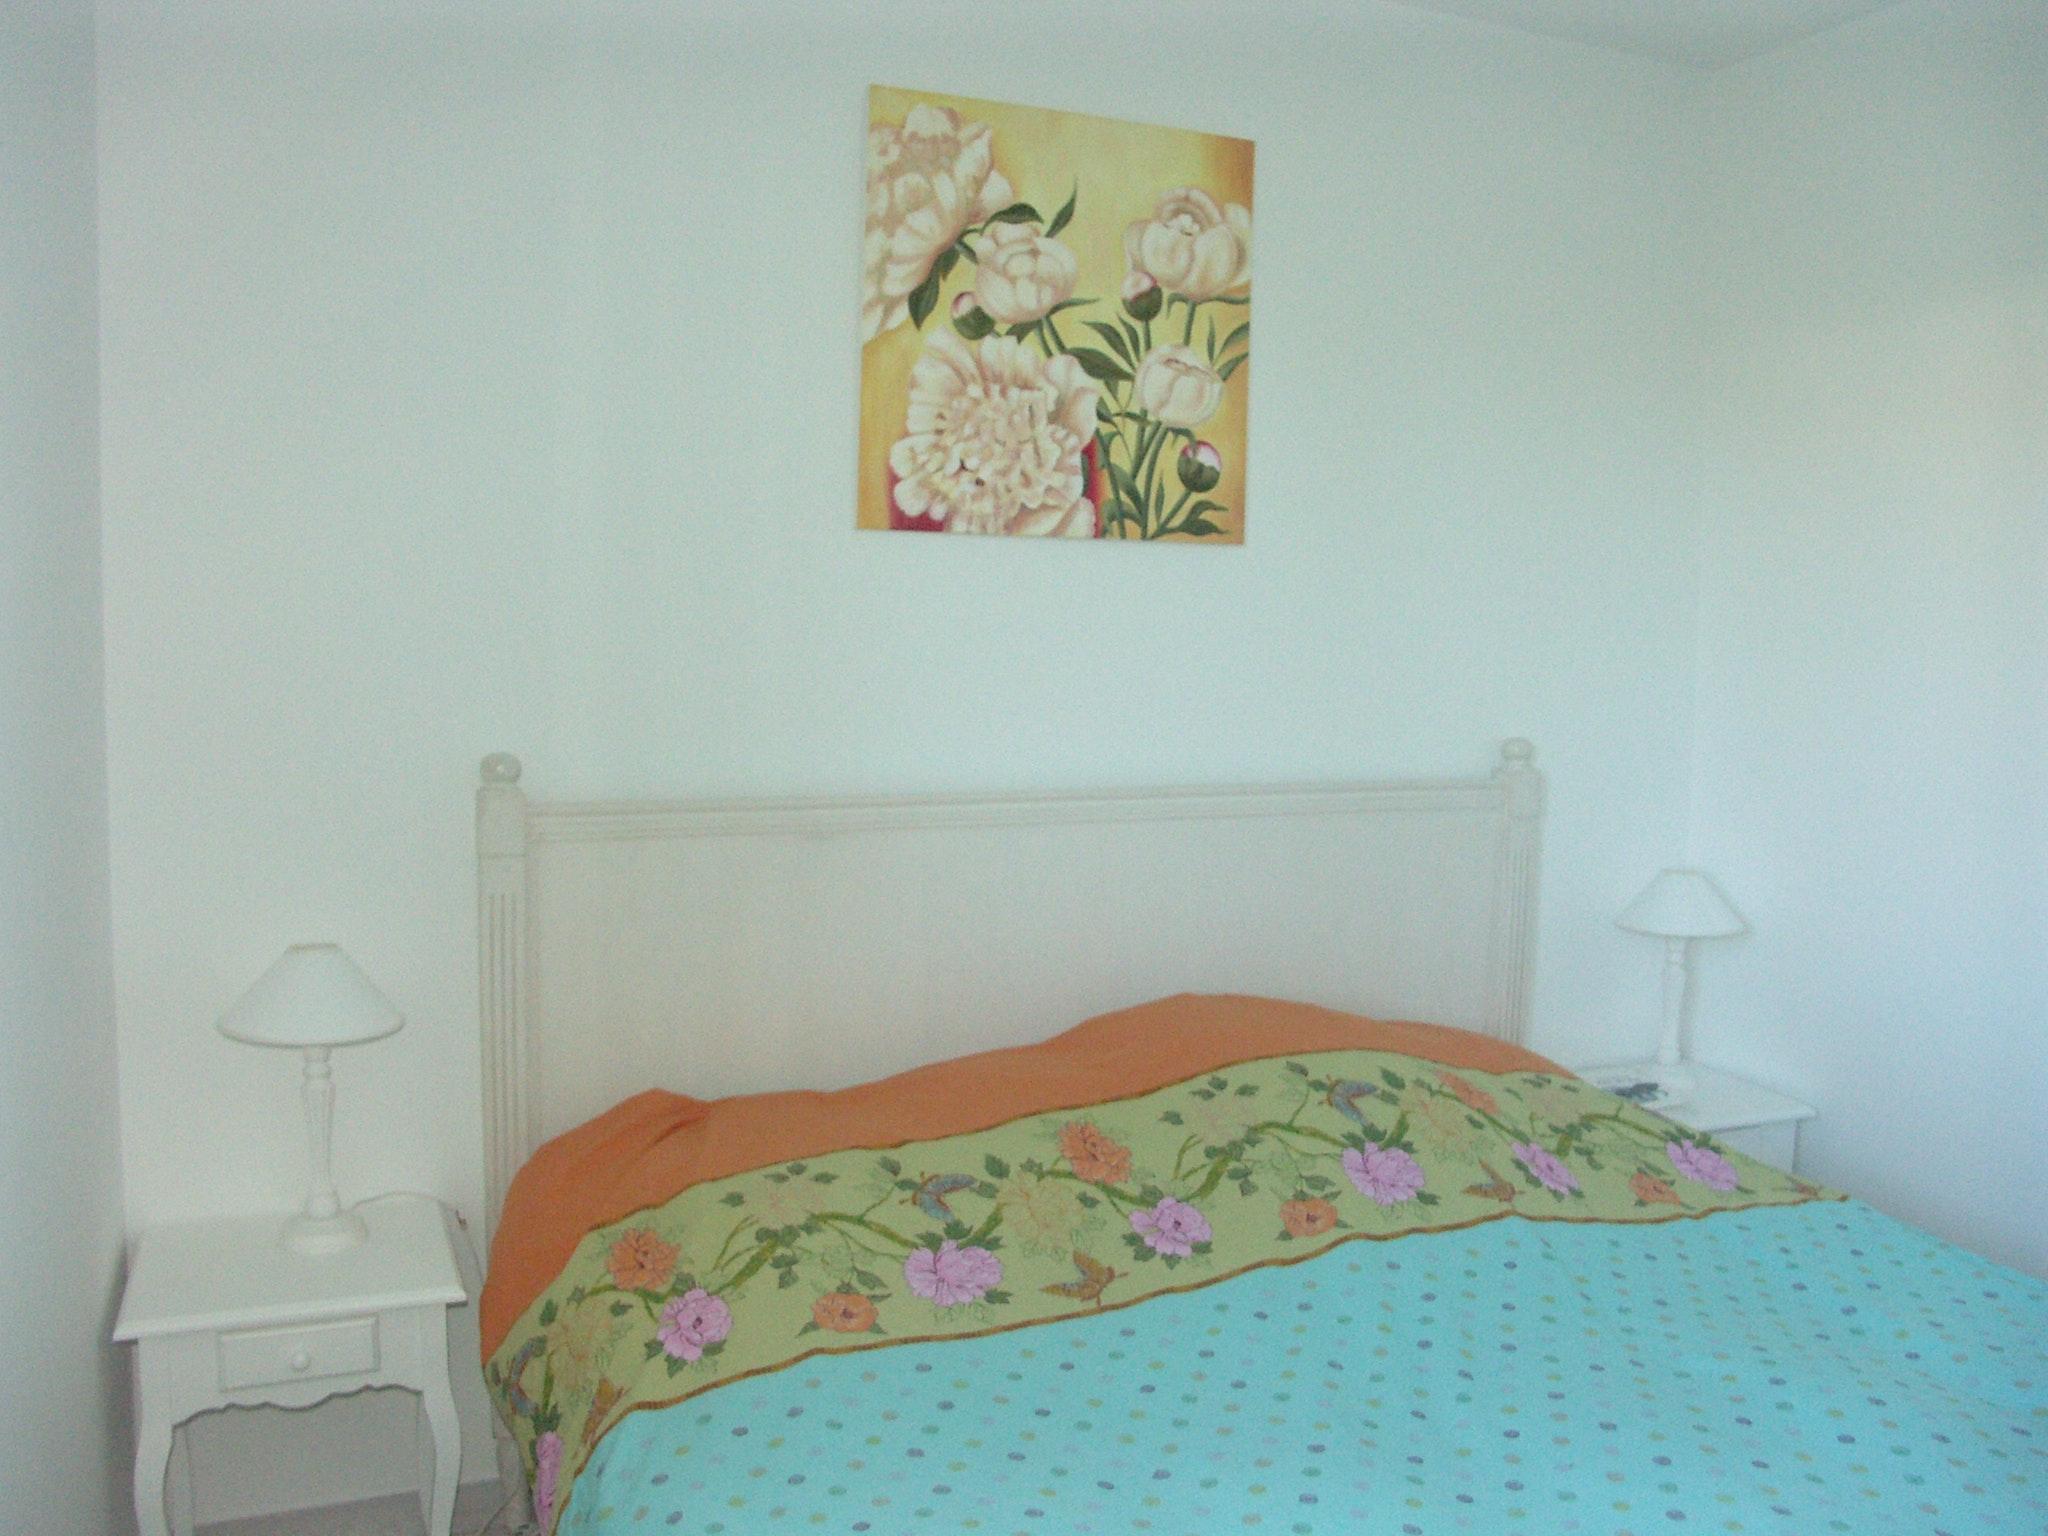 Appartement de vacances Wohnung mit einem Schlafzimmer in Carqueiranne mit Pool, eingezäuntem Garten und W-LAN - 7 (2231381), Carqueiranne, Côte d'Azur, Provence - Alpes - Côte d'Azur, France, image 14